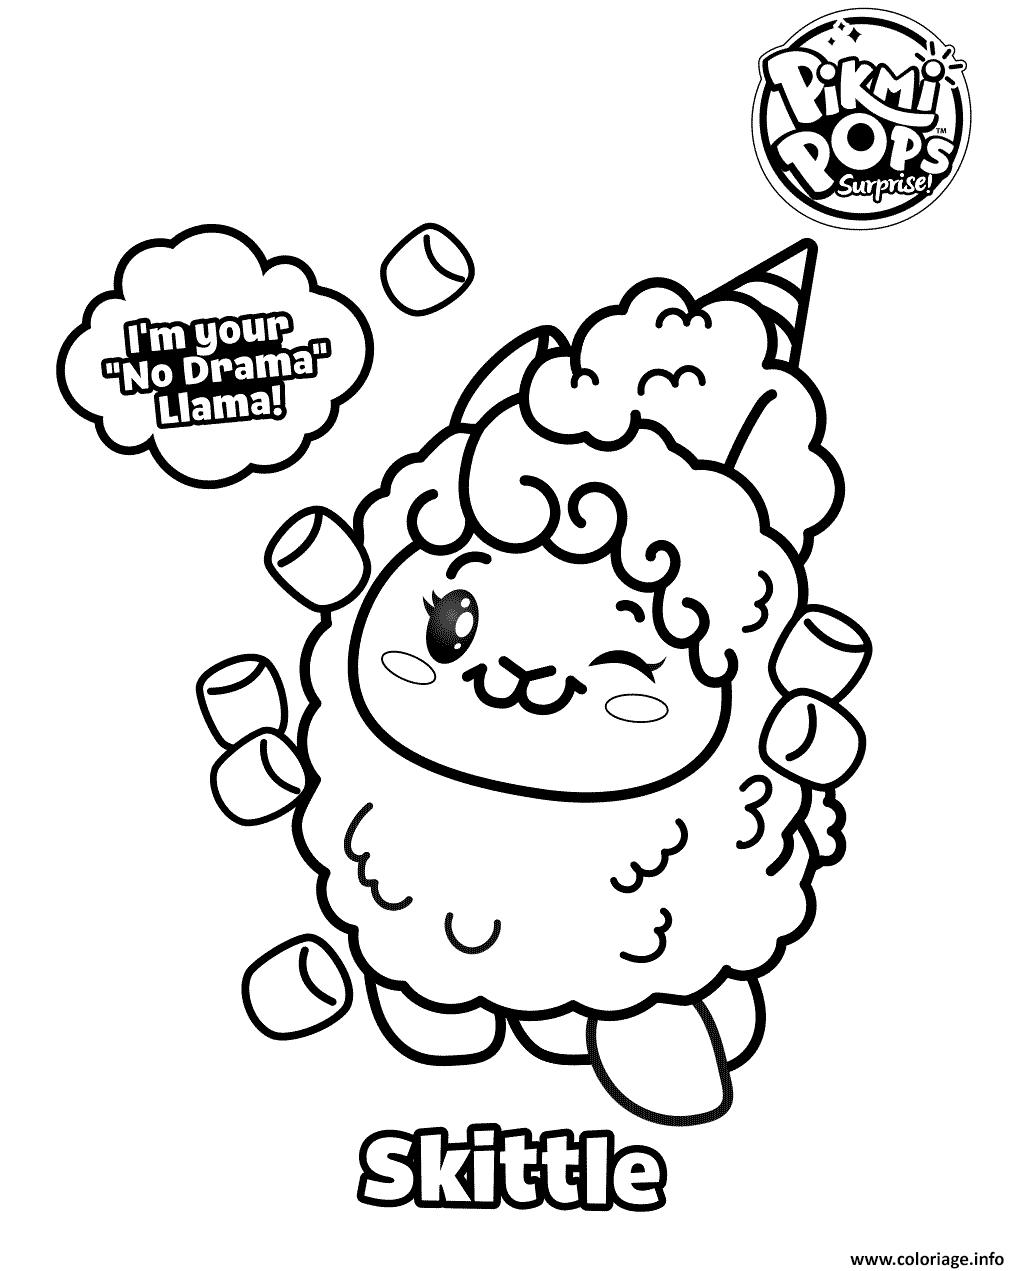 Dessin Pikmi Pops Coloring for Kids Coloriage Gratuit à Imprimer